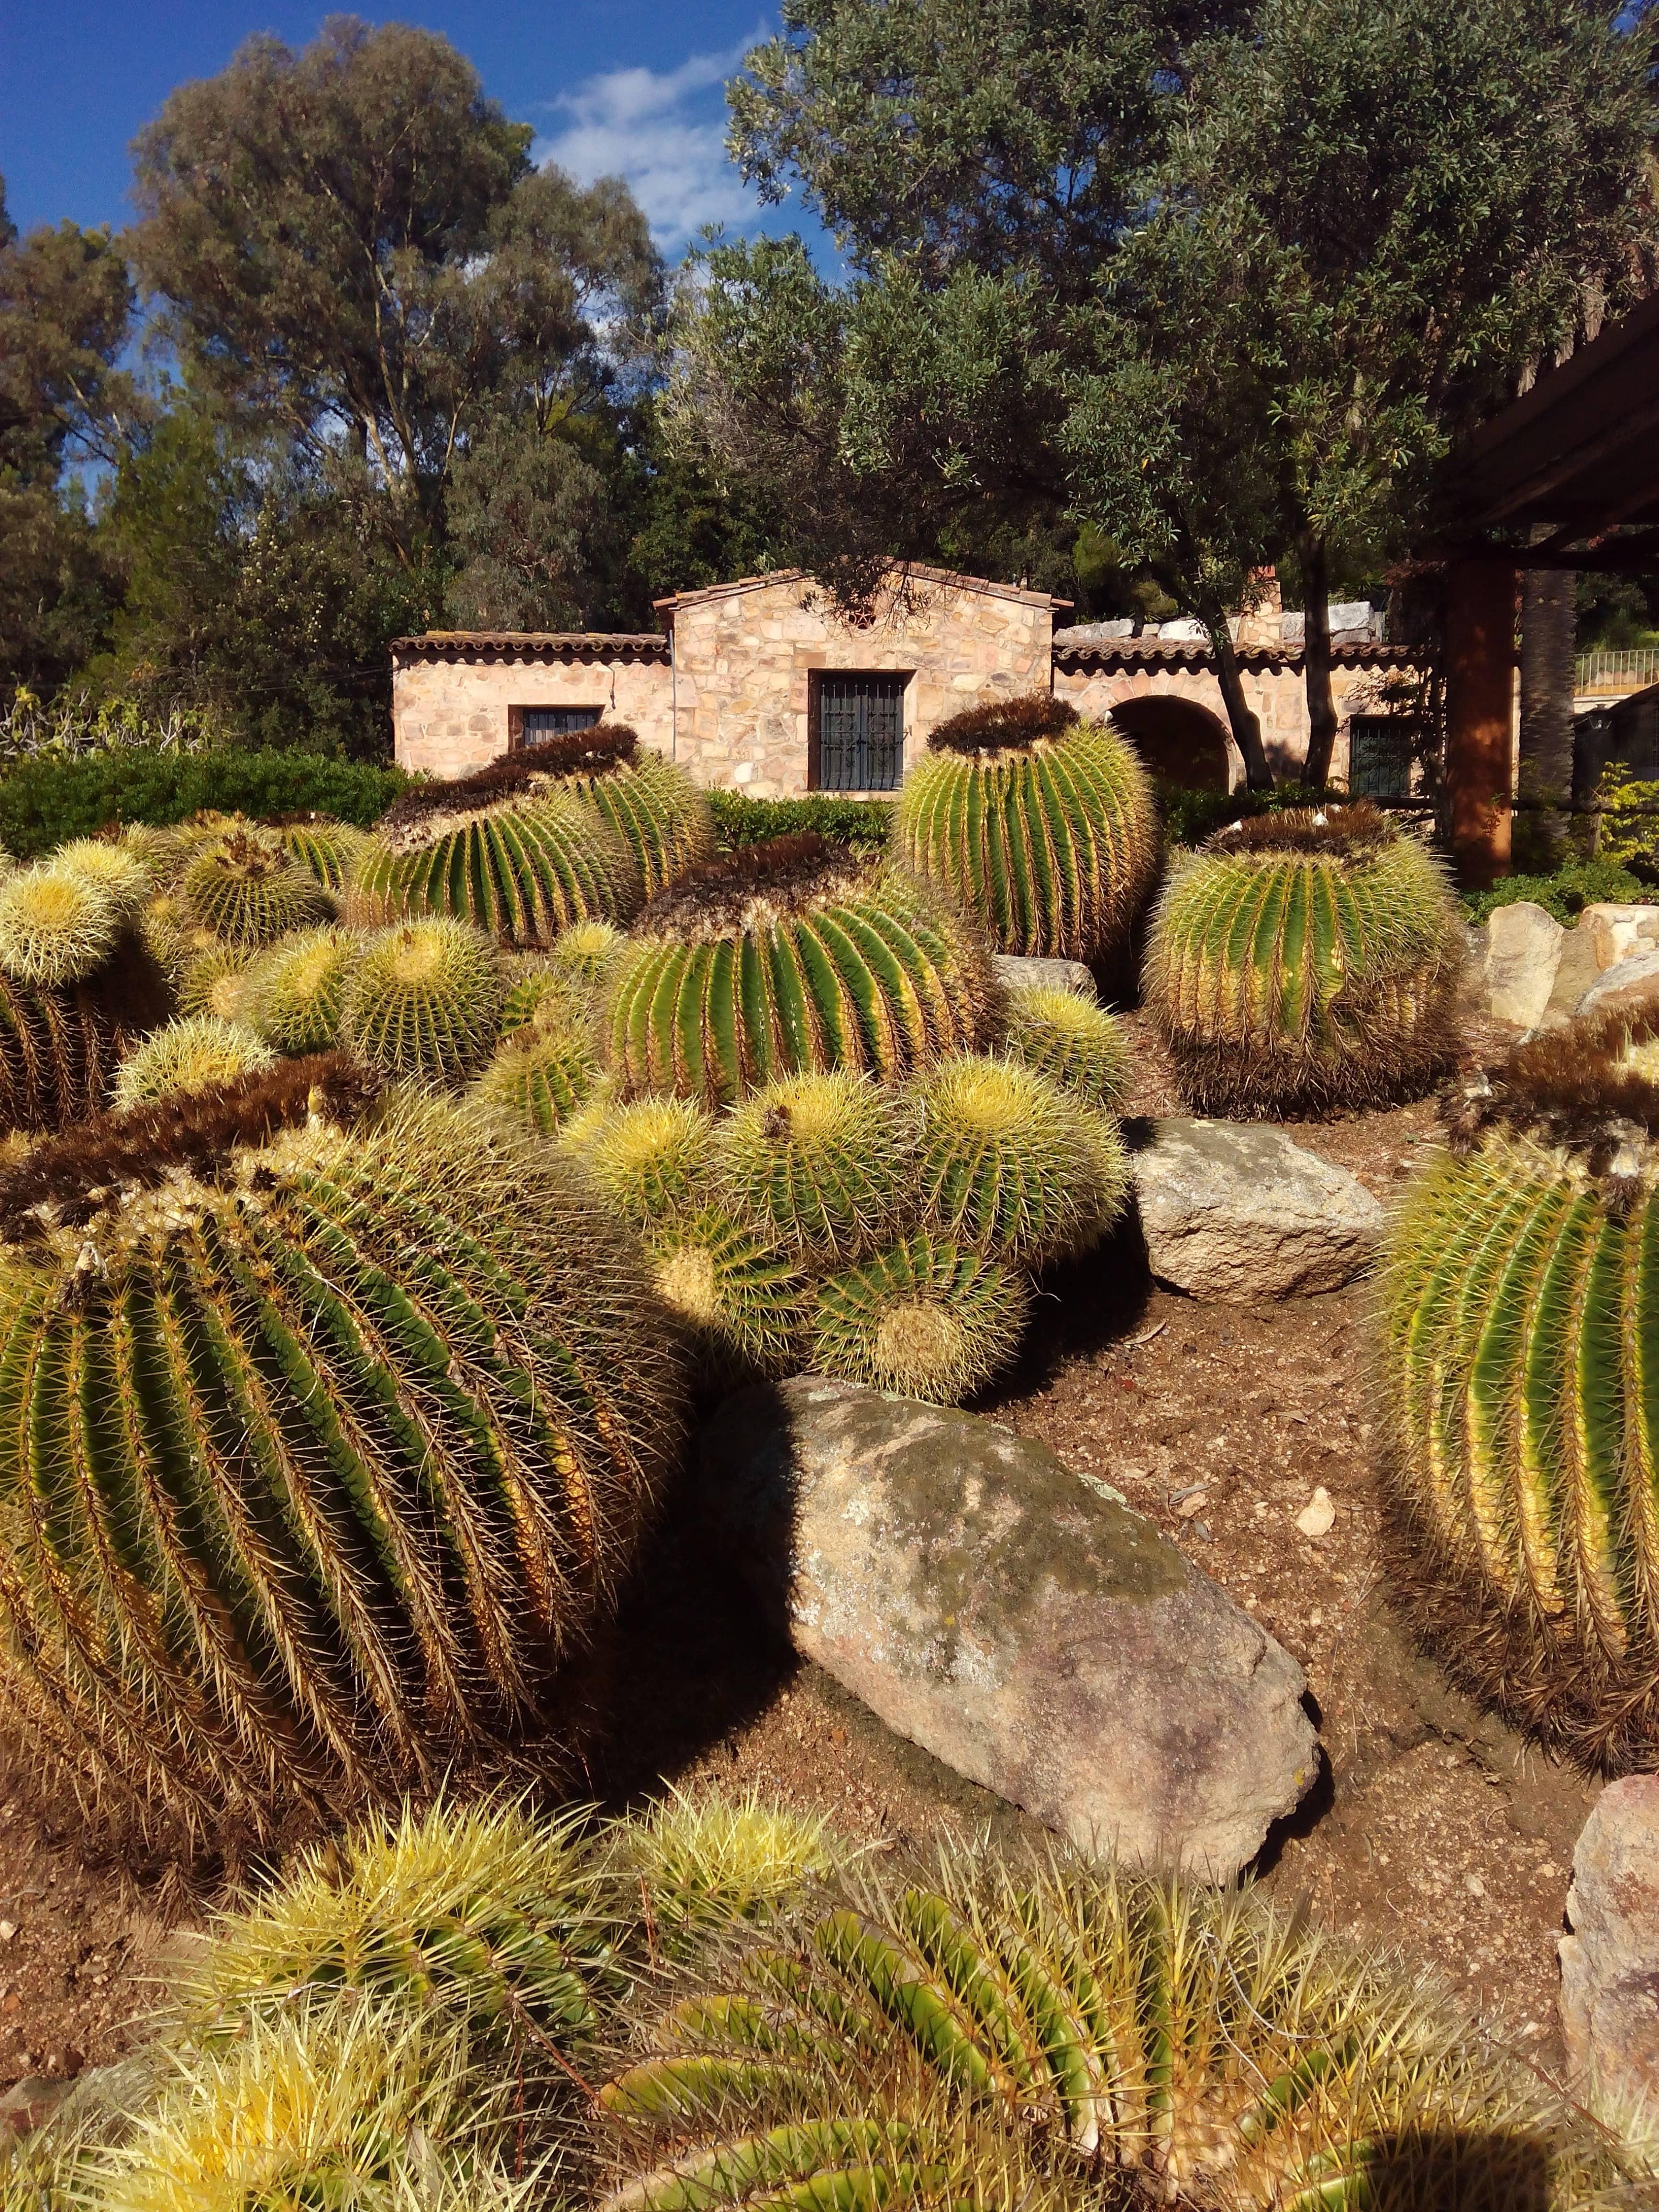 Pinya de Rosa Tropical Garden - Turisme Blanes